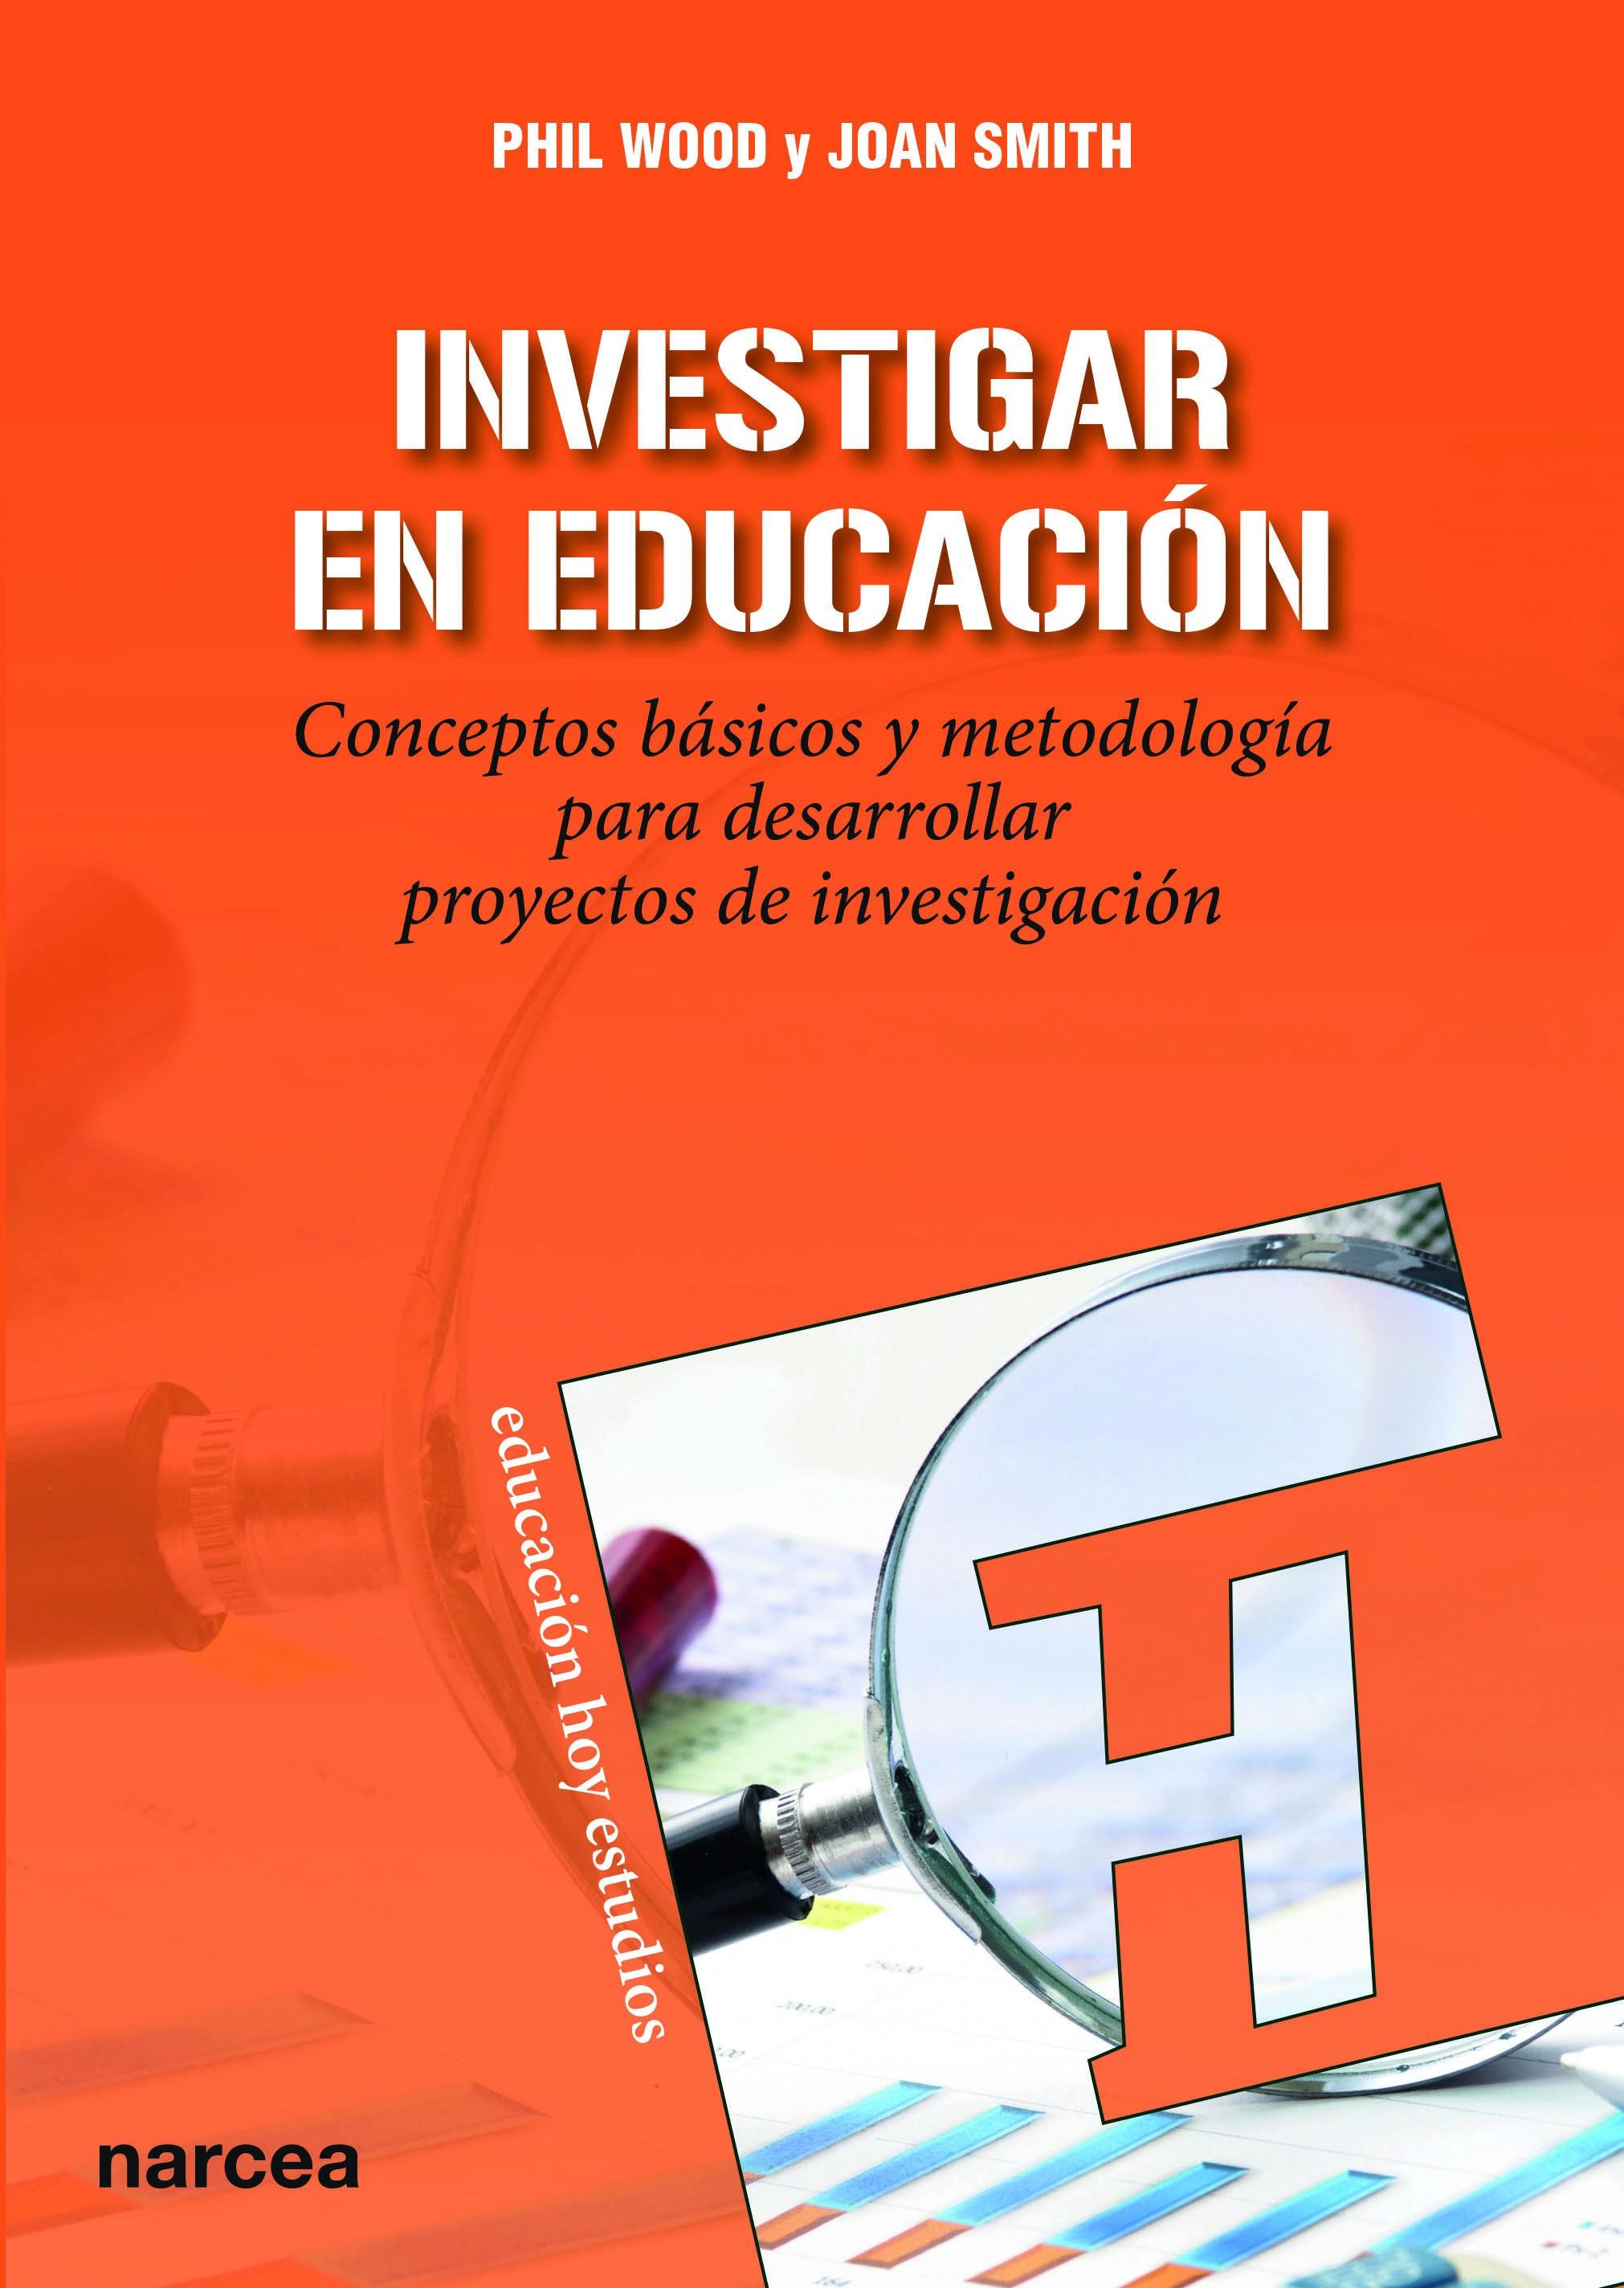 Investigar en educación